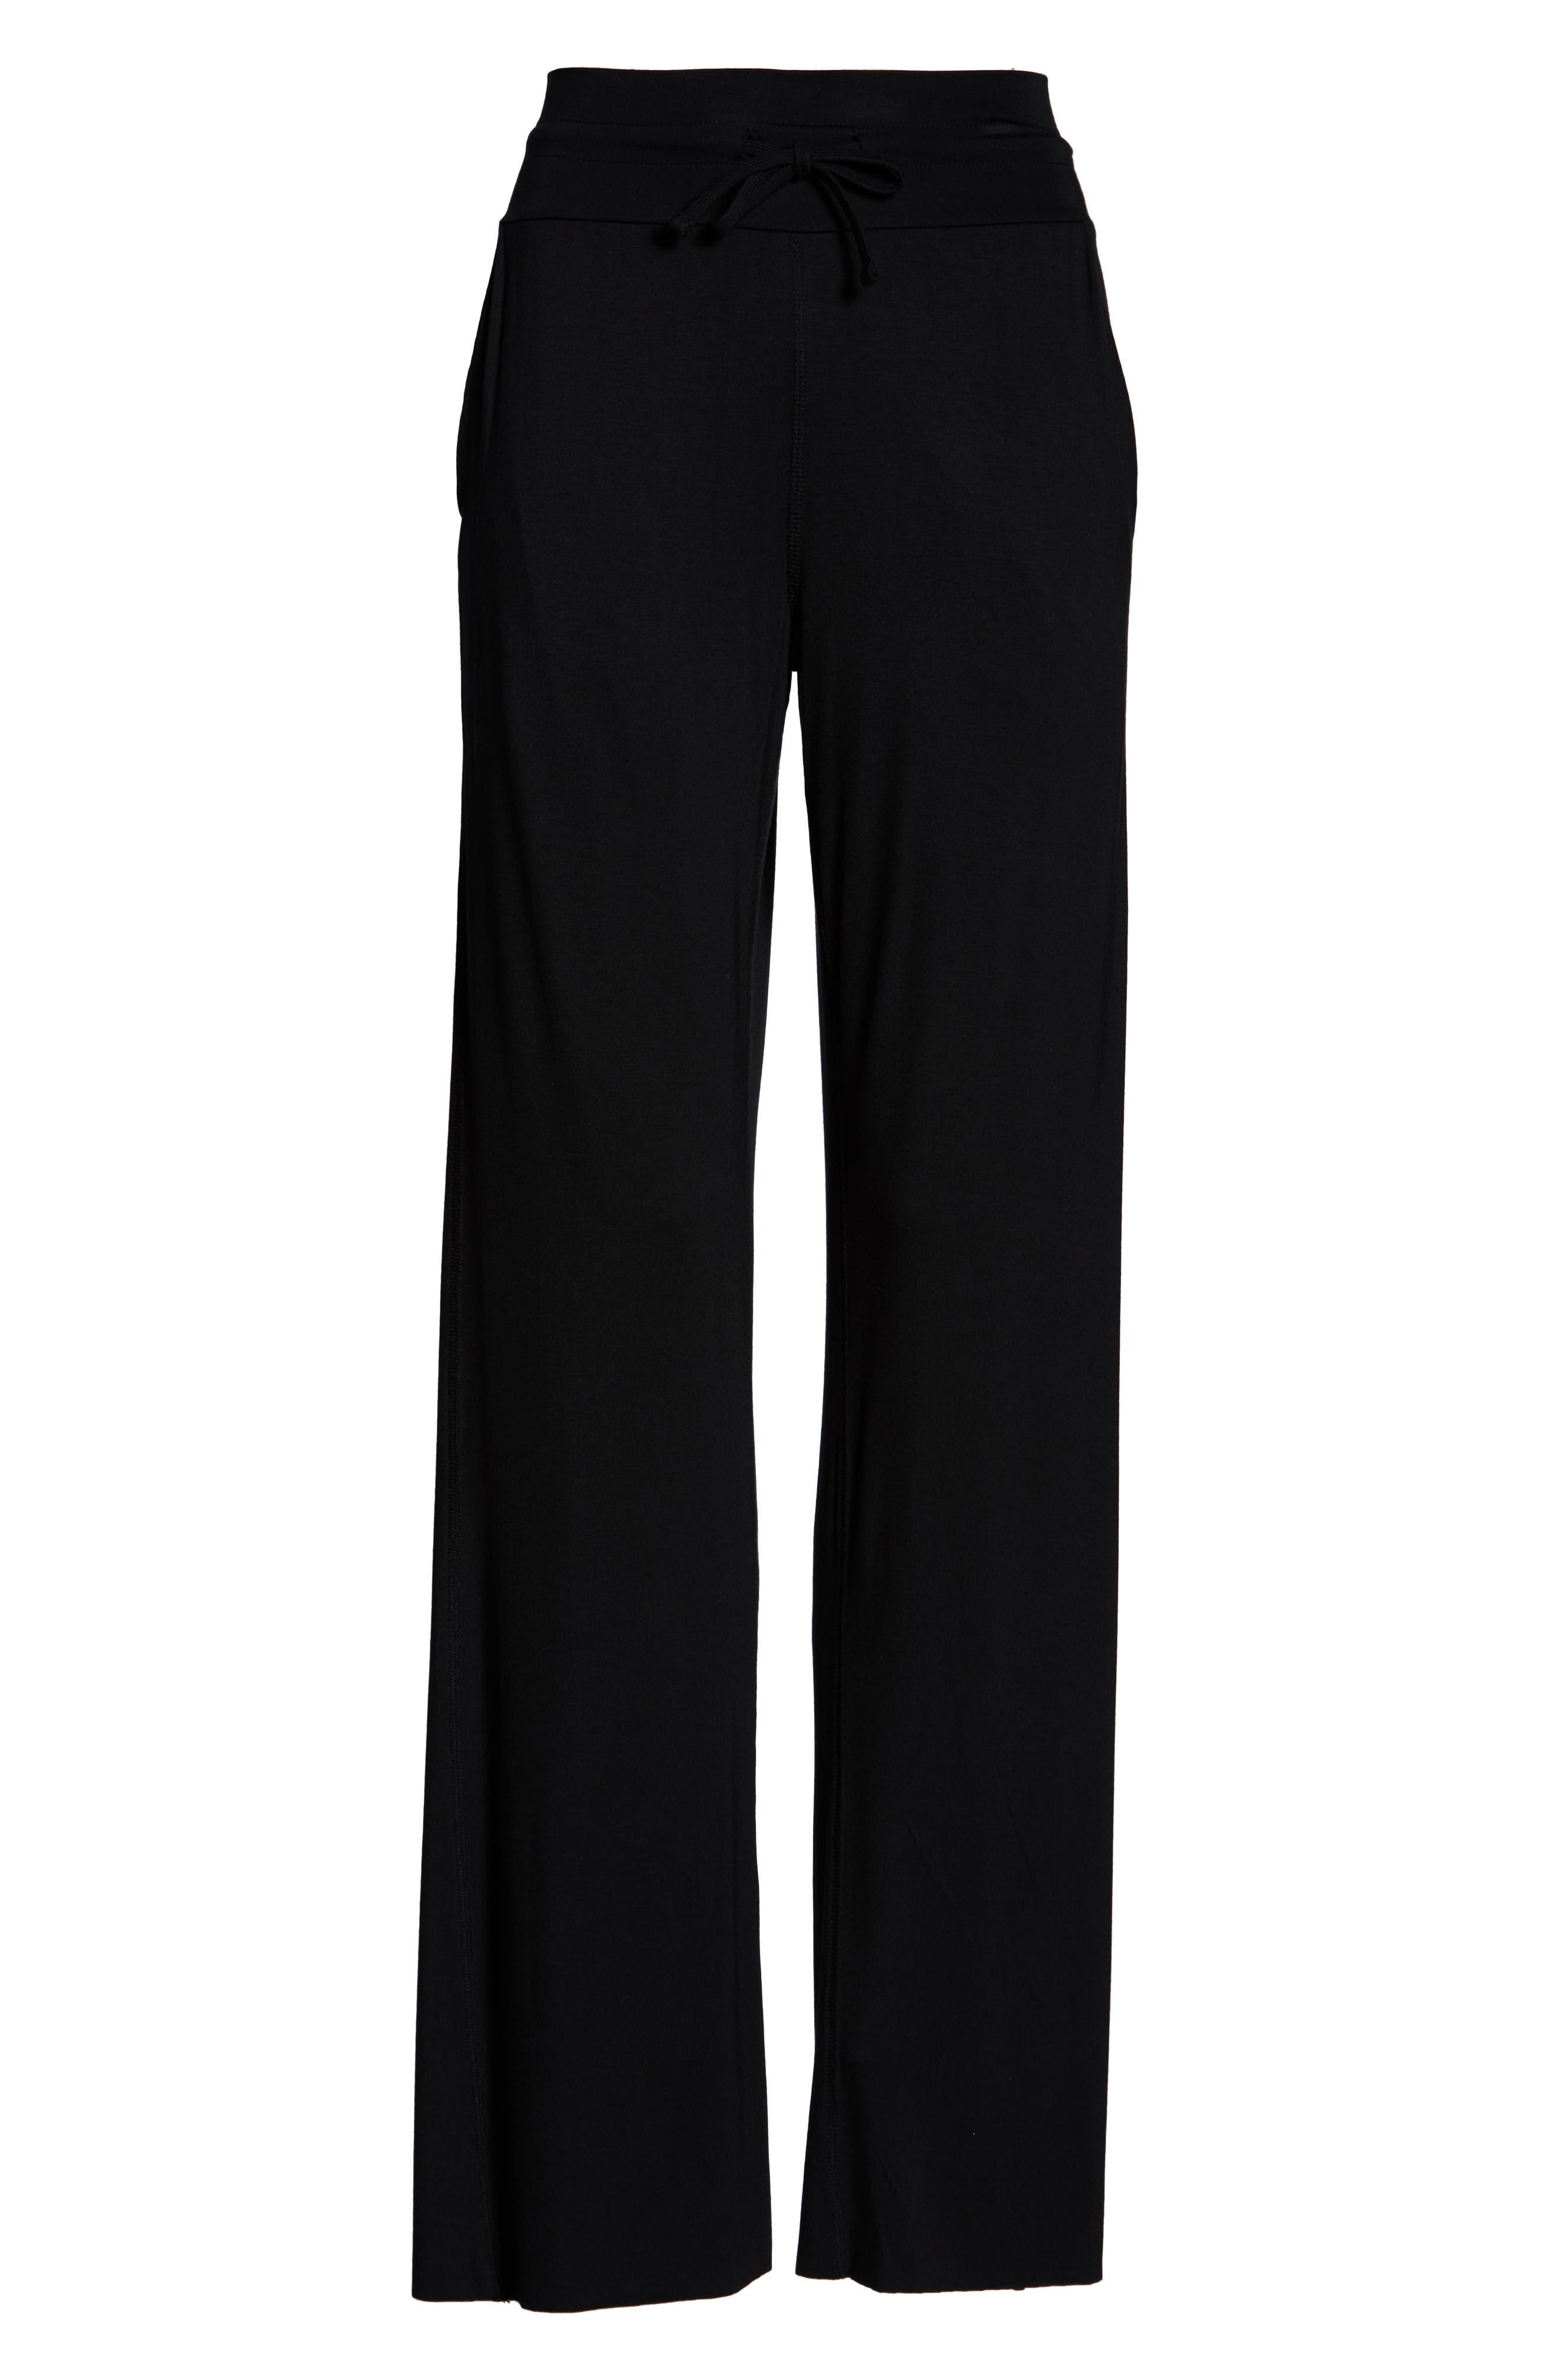 ALO,                             Drawstring Pants,                             Alternate thumbnail 7, color,                             BLACK